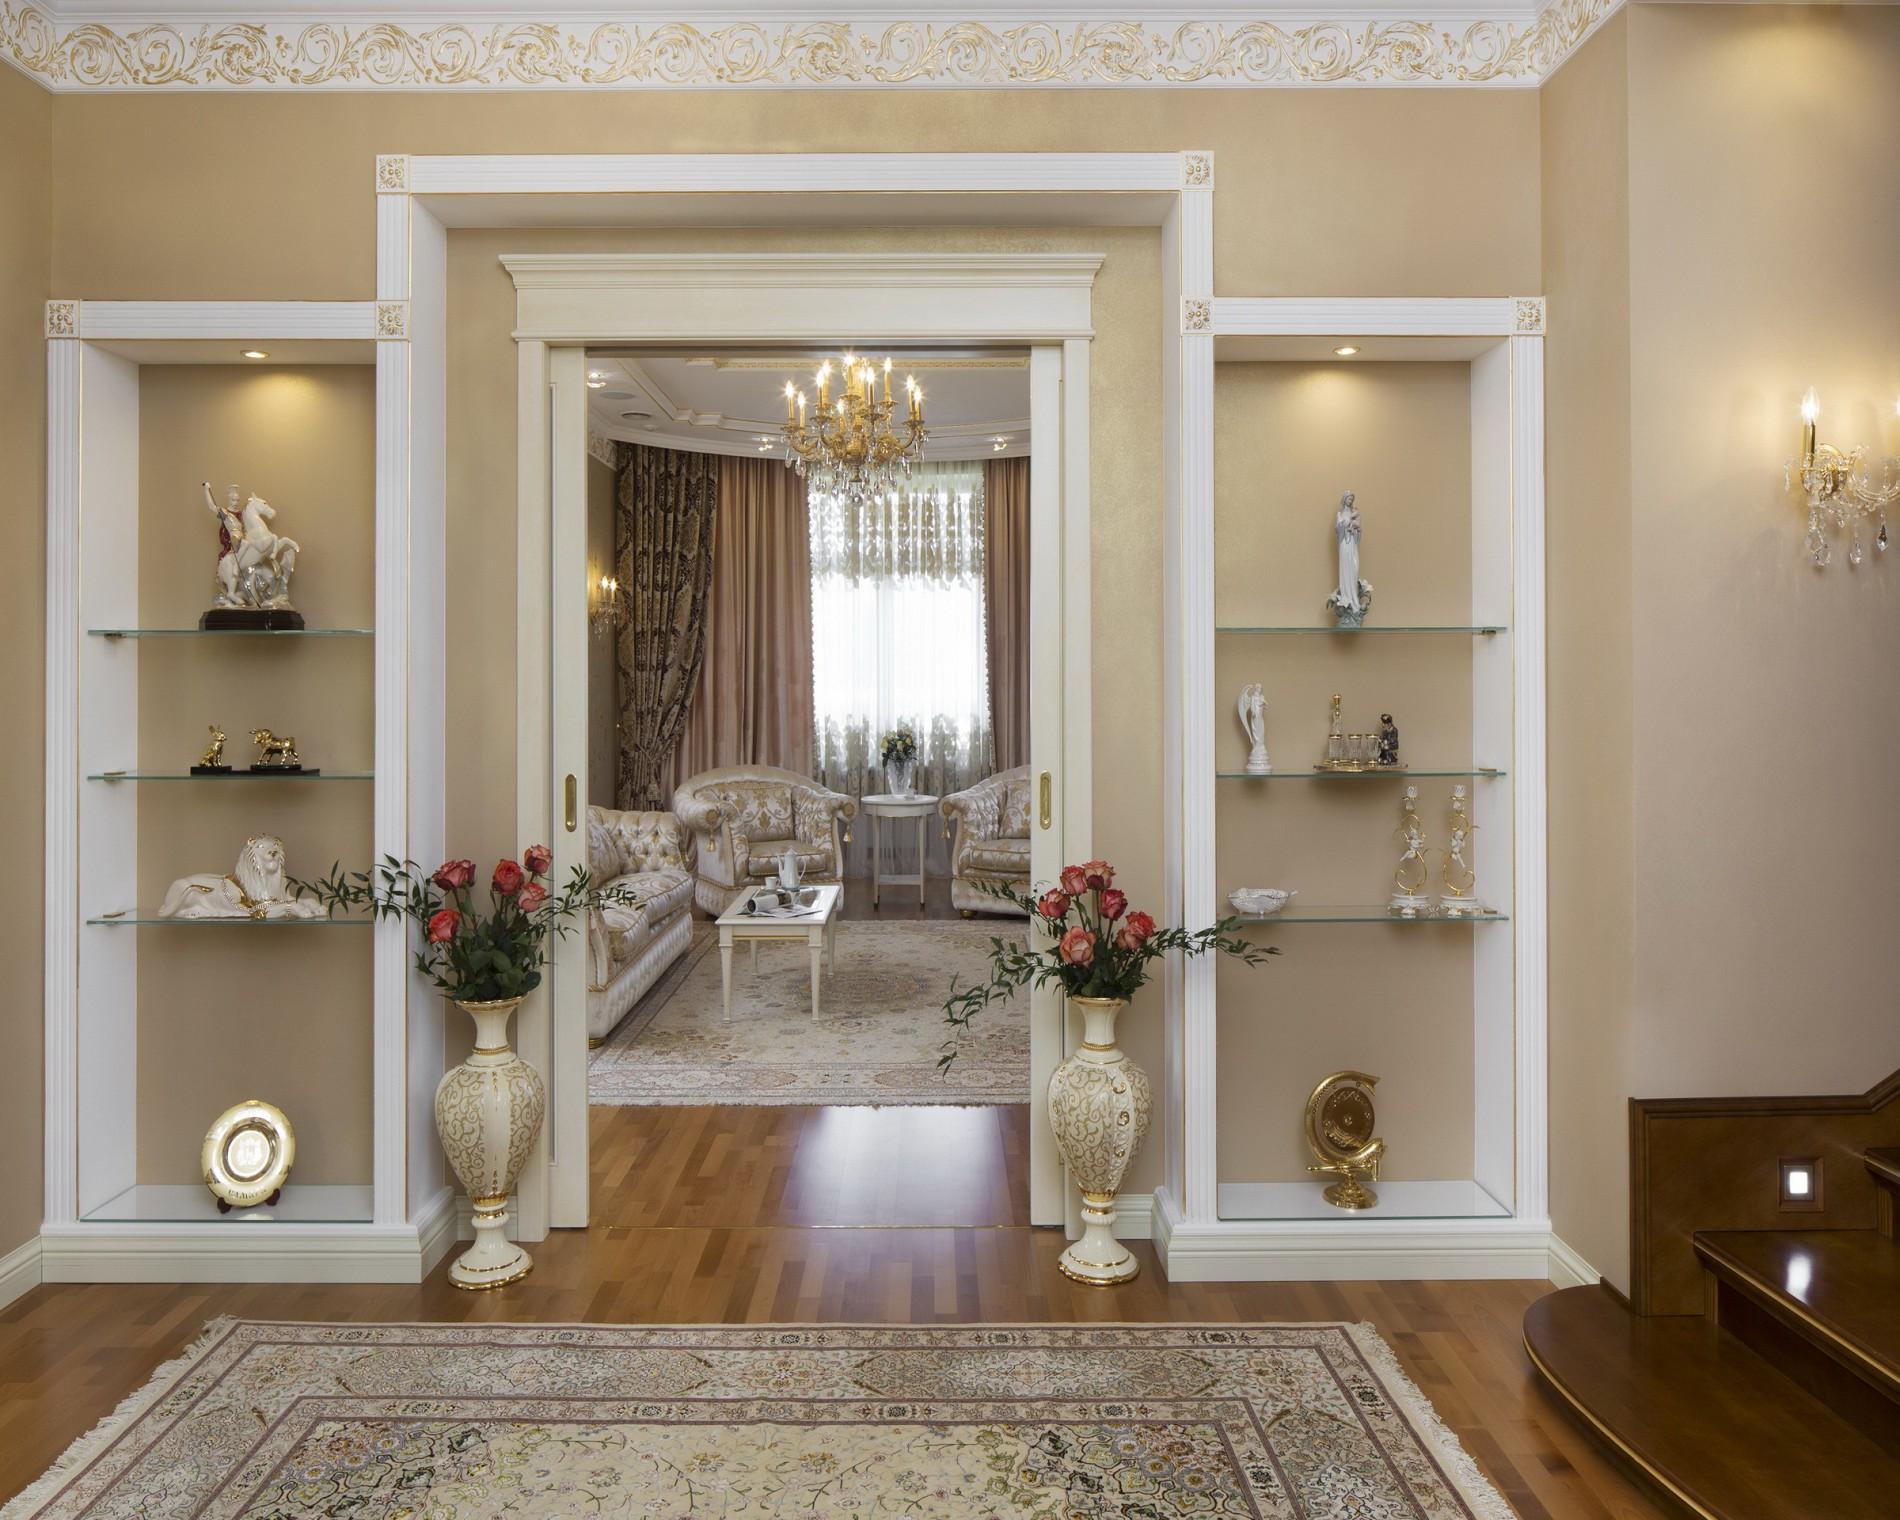 Просторный дом в классическом стиле